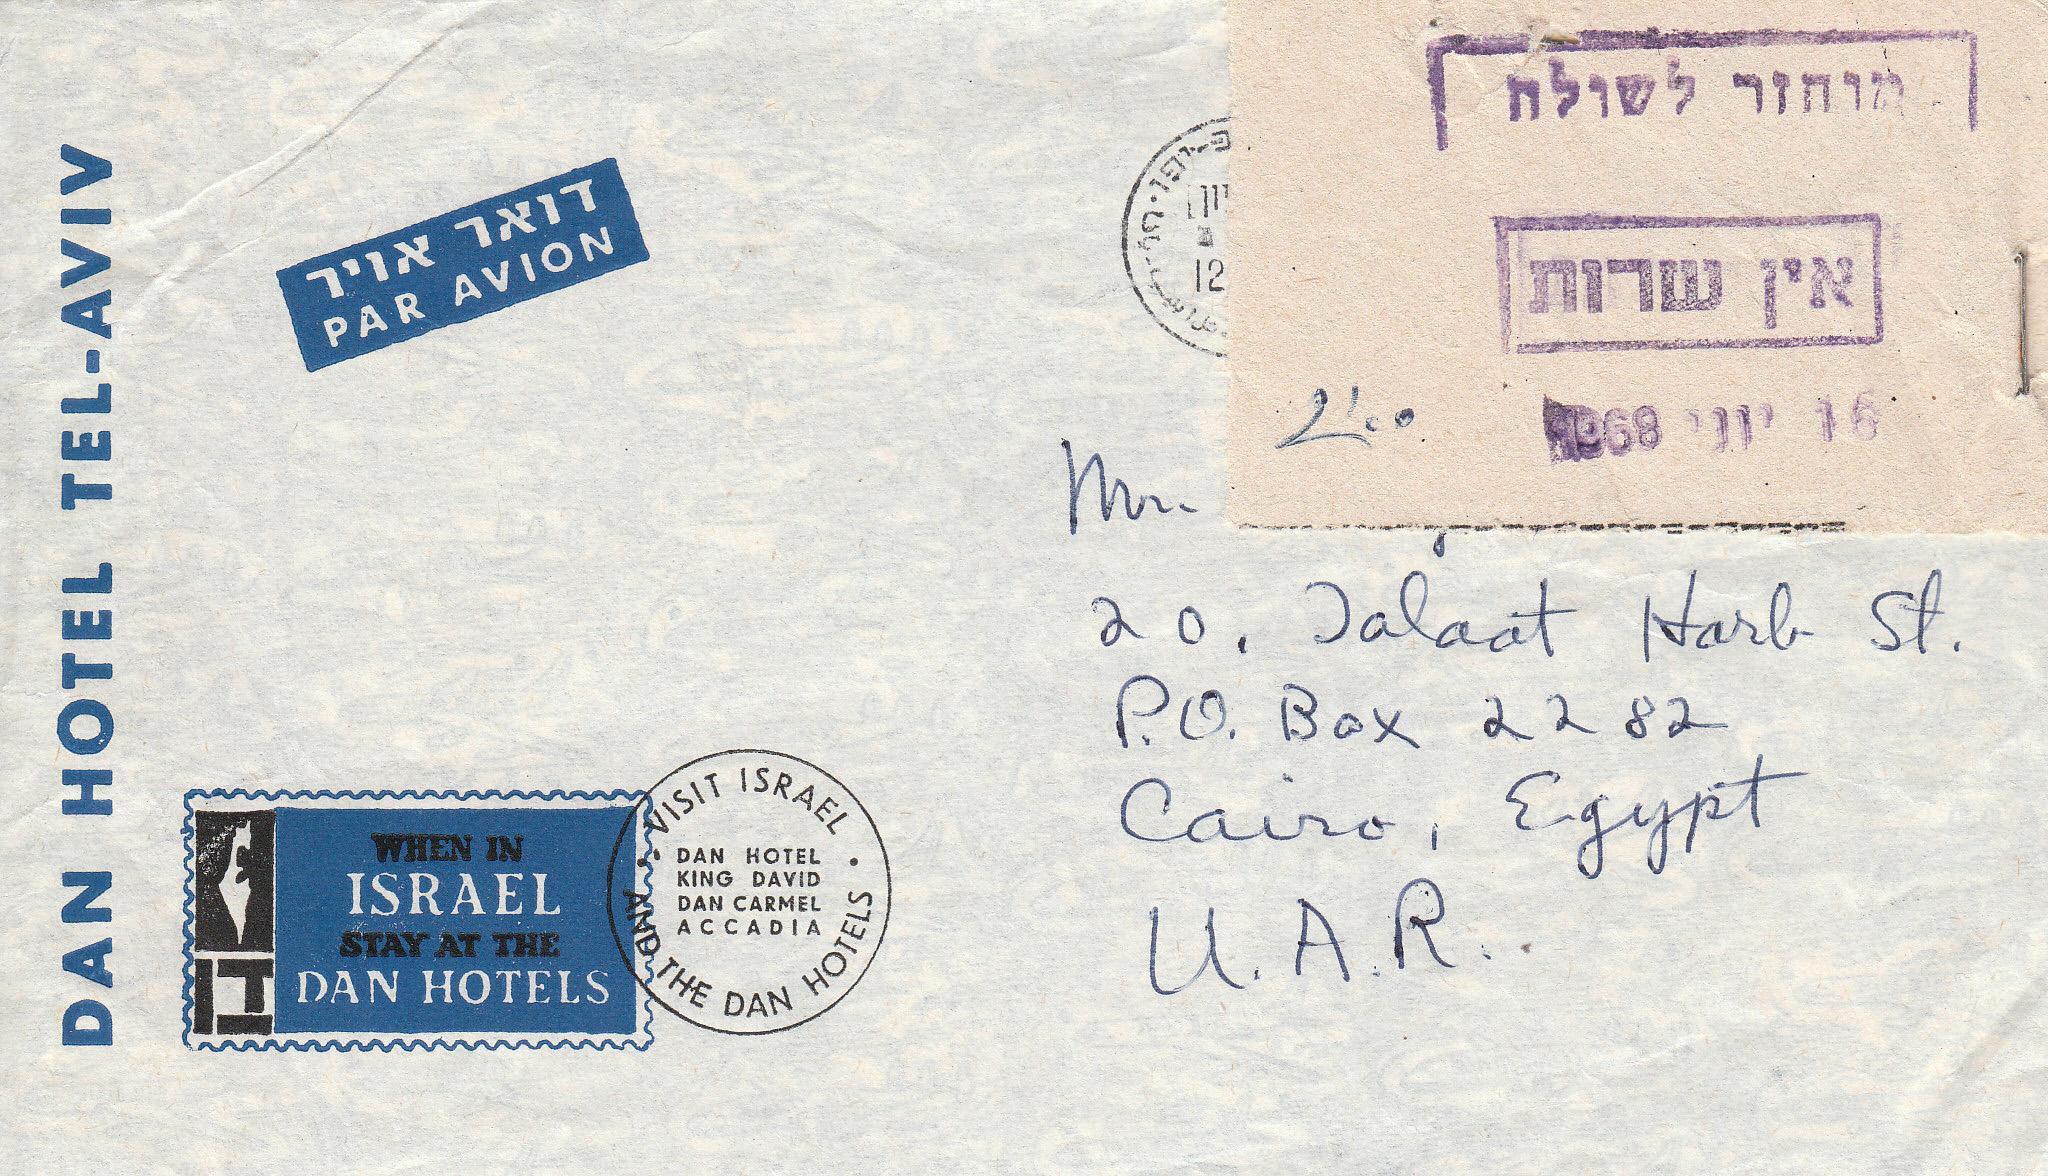 6/1968 علامات بريدية إسرائيلية غير منقوصة على البريد إلى مصر